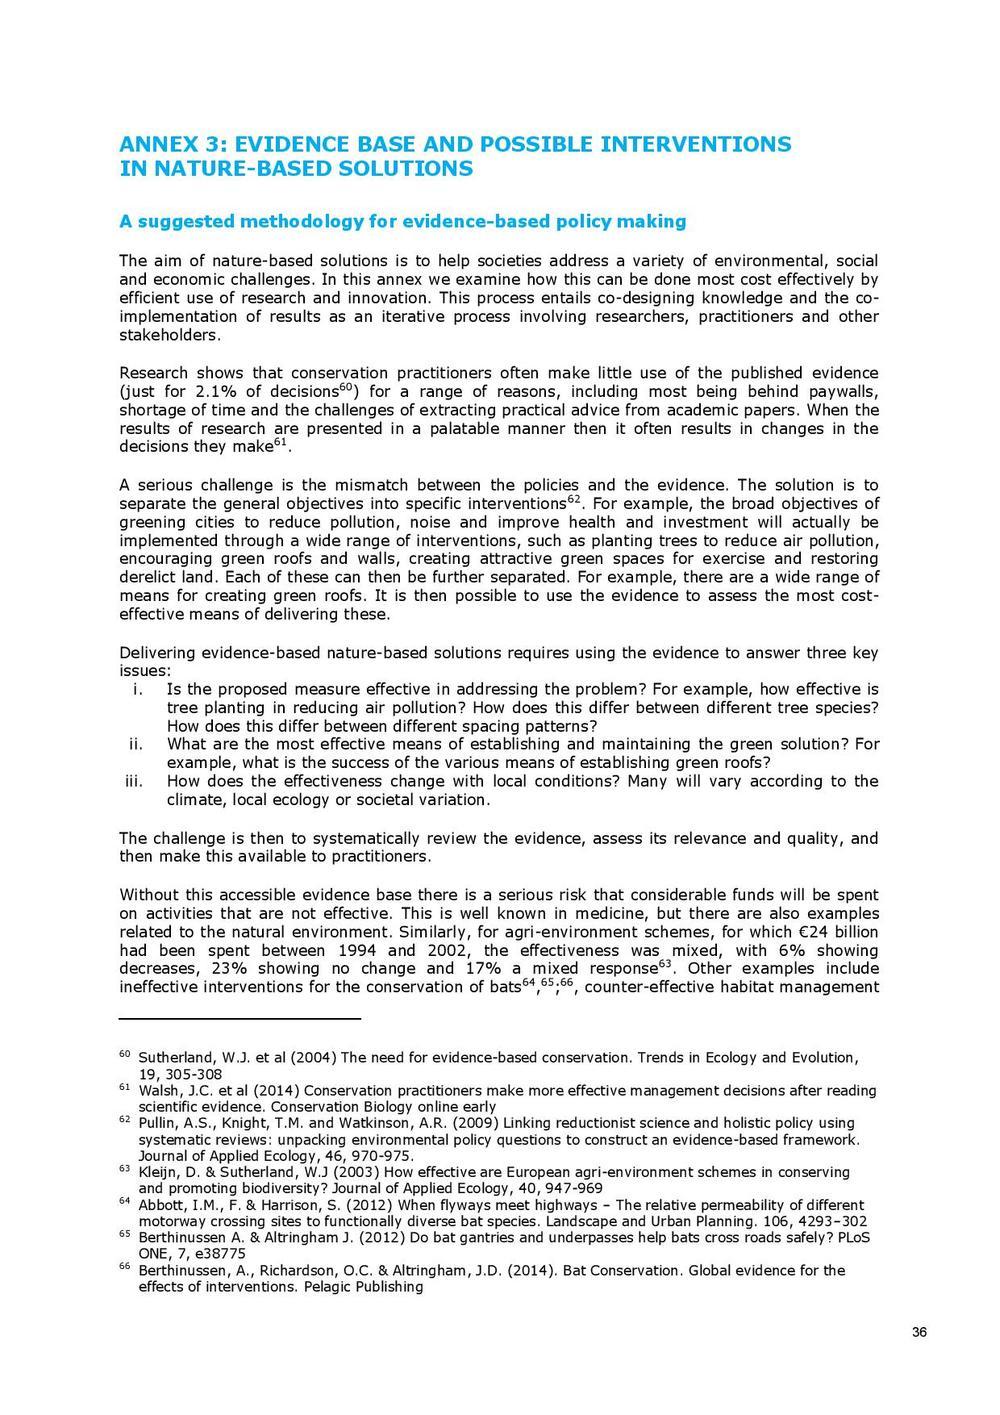 DG RTD_WEB-Publication A4_NBS_long_version_20150310-page-038.jpg